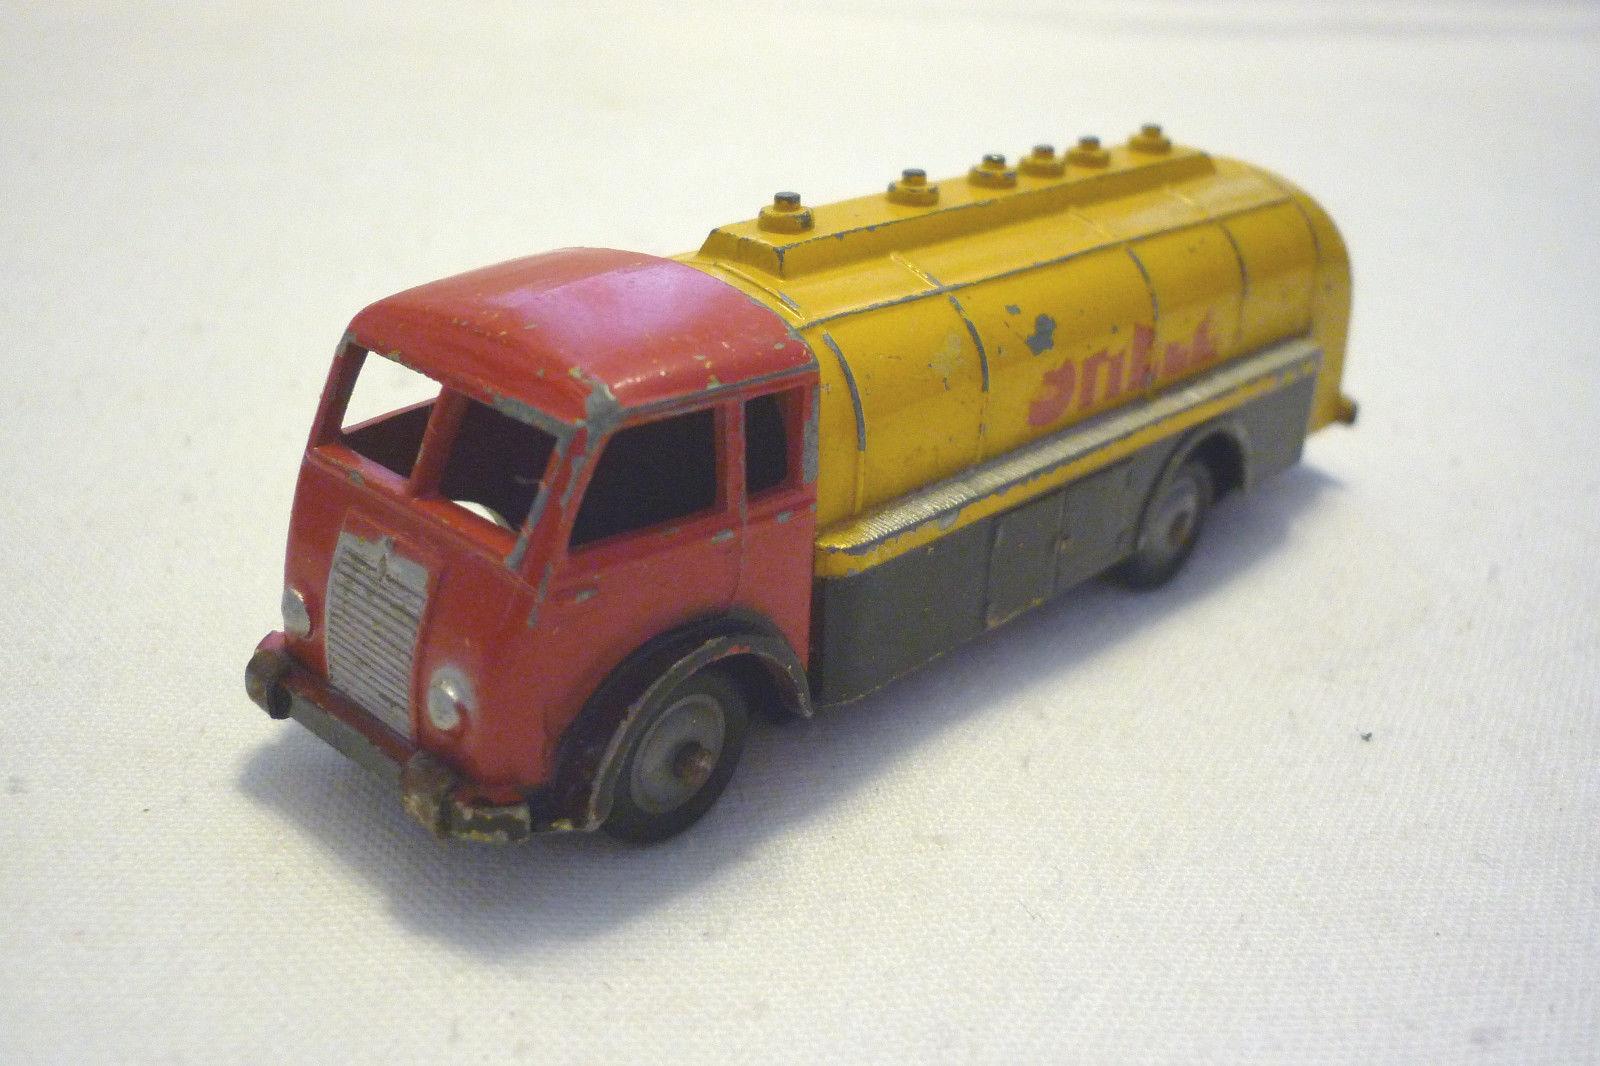 tienda de venta en línea Vintage Miniatura de Metal - Cij Jouet - - - Shell Camión Cisterna - N º Réplica -  descuento de ventas